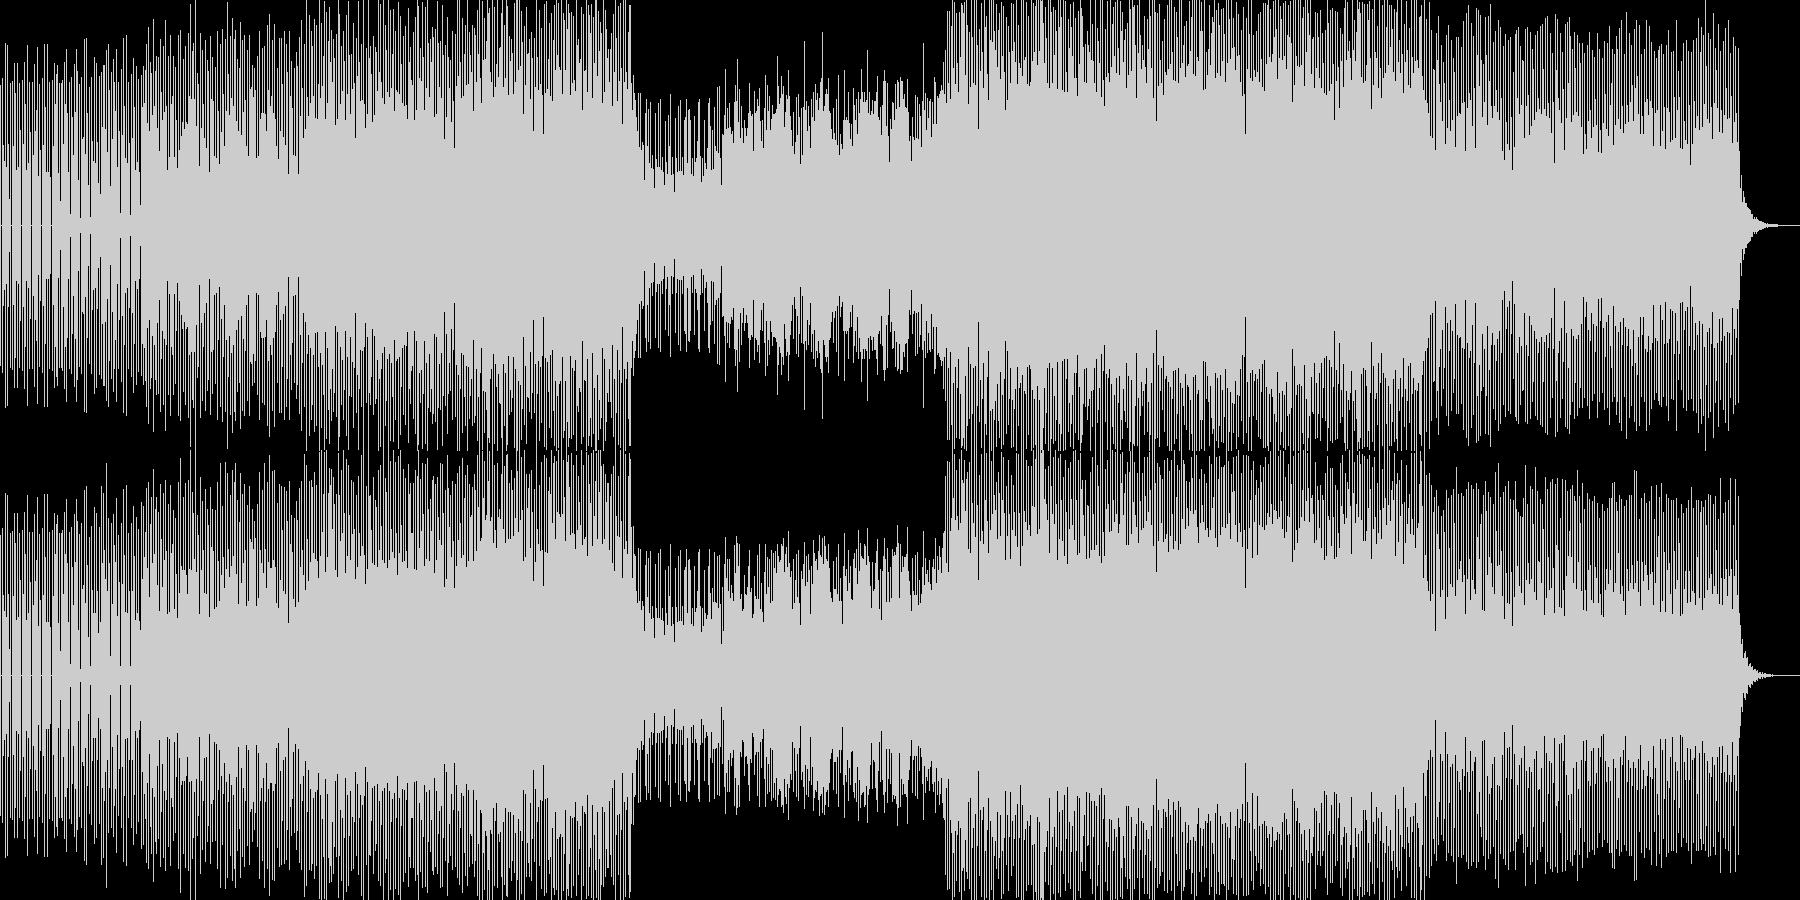 明るくハウスミュージックダンス系の未再生の波形